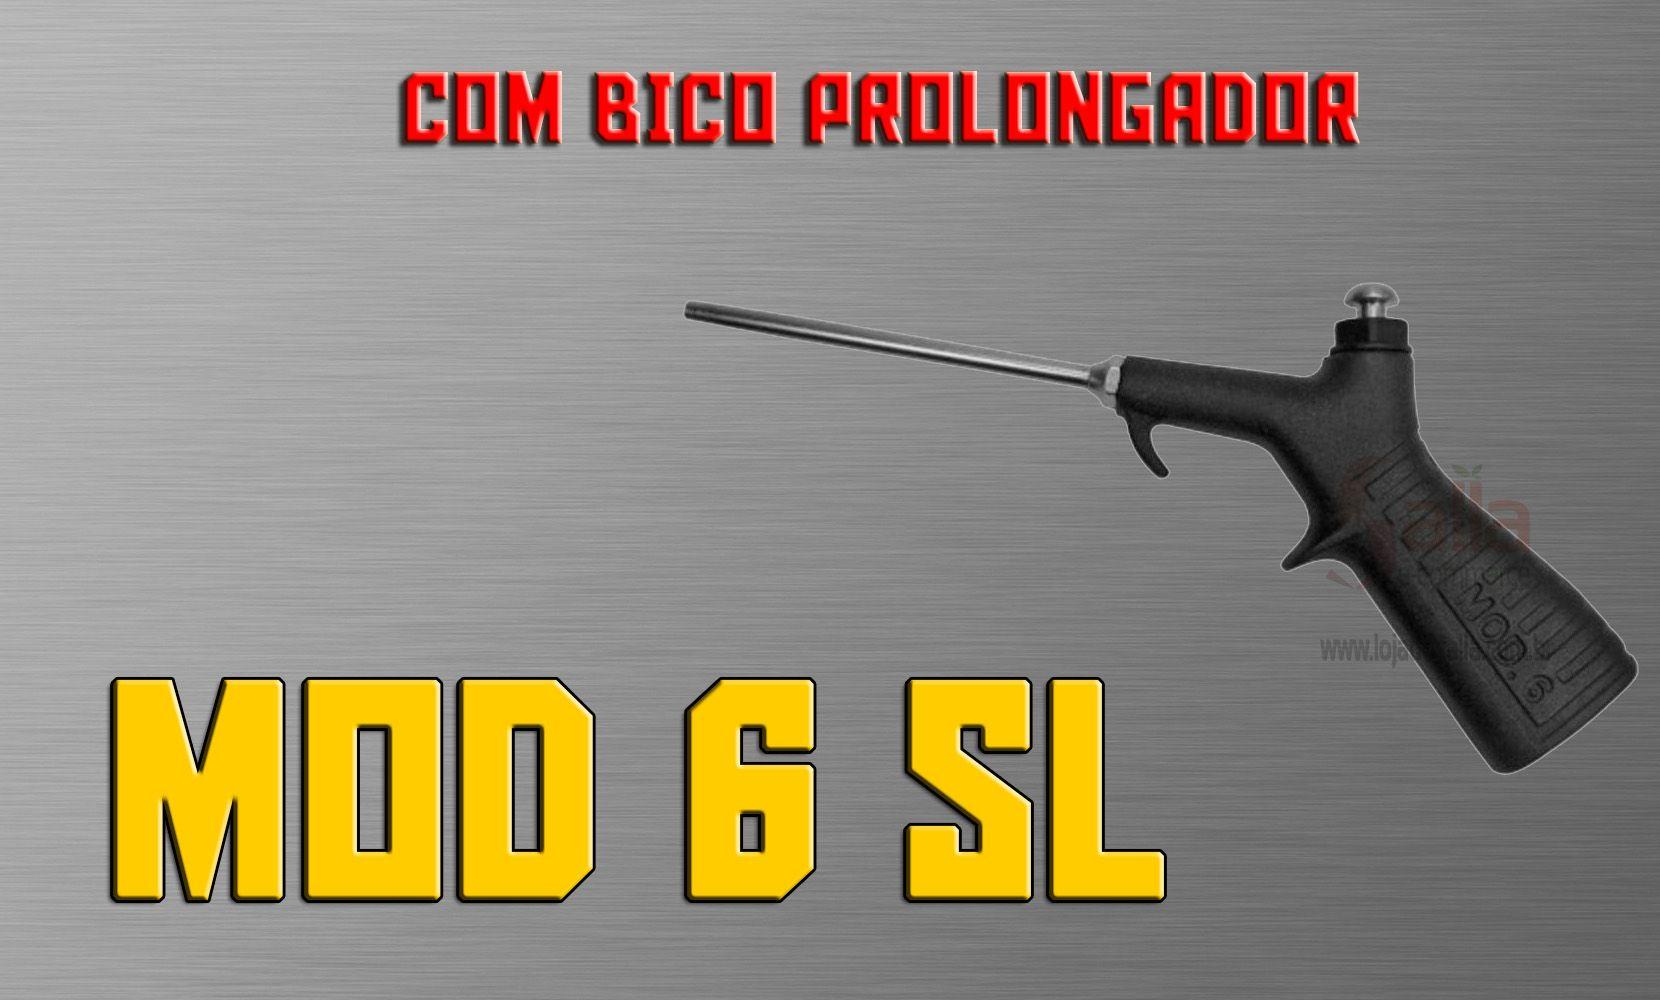 Bico de Ar para Limpeza / Soprador Pistola 1/4 Pol Mod. 6 PVC SL Arprex